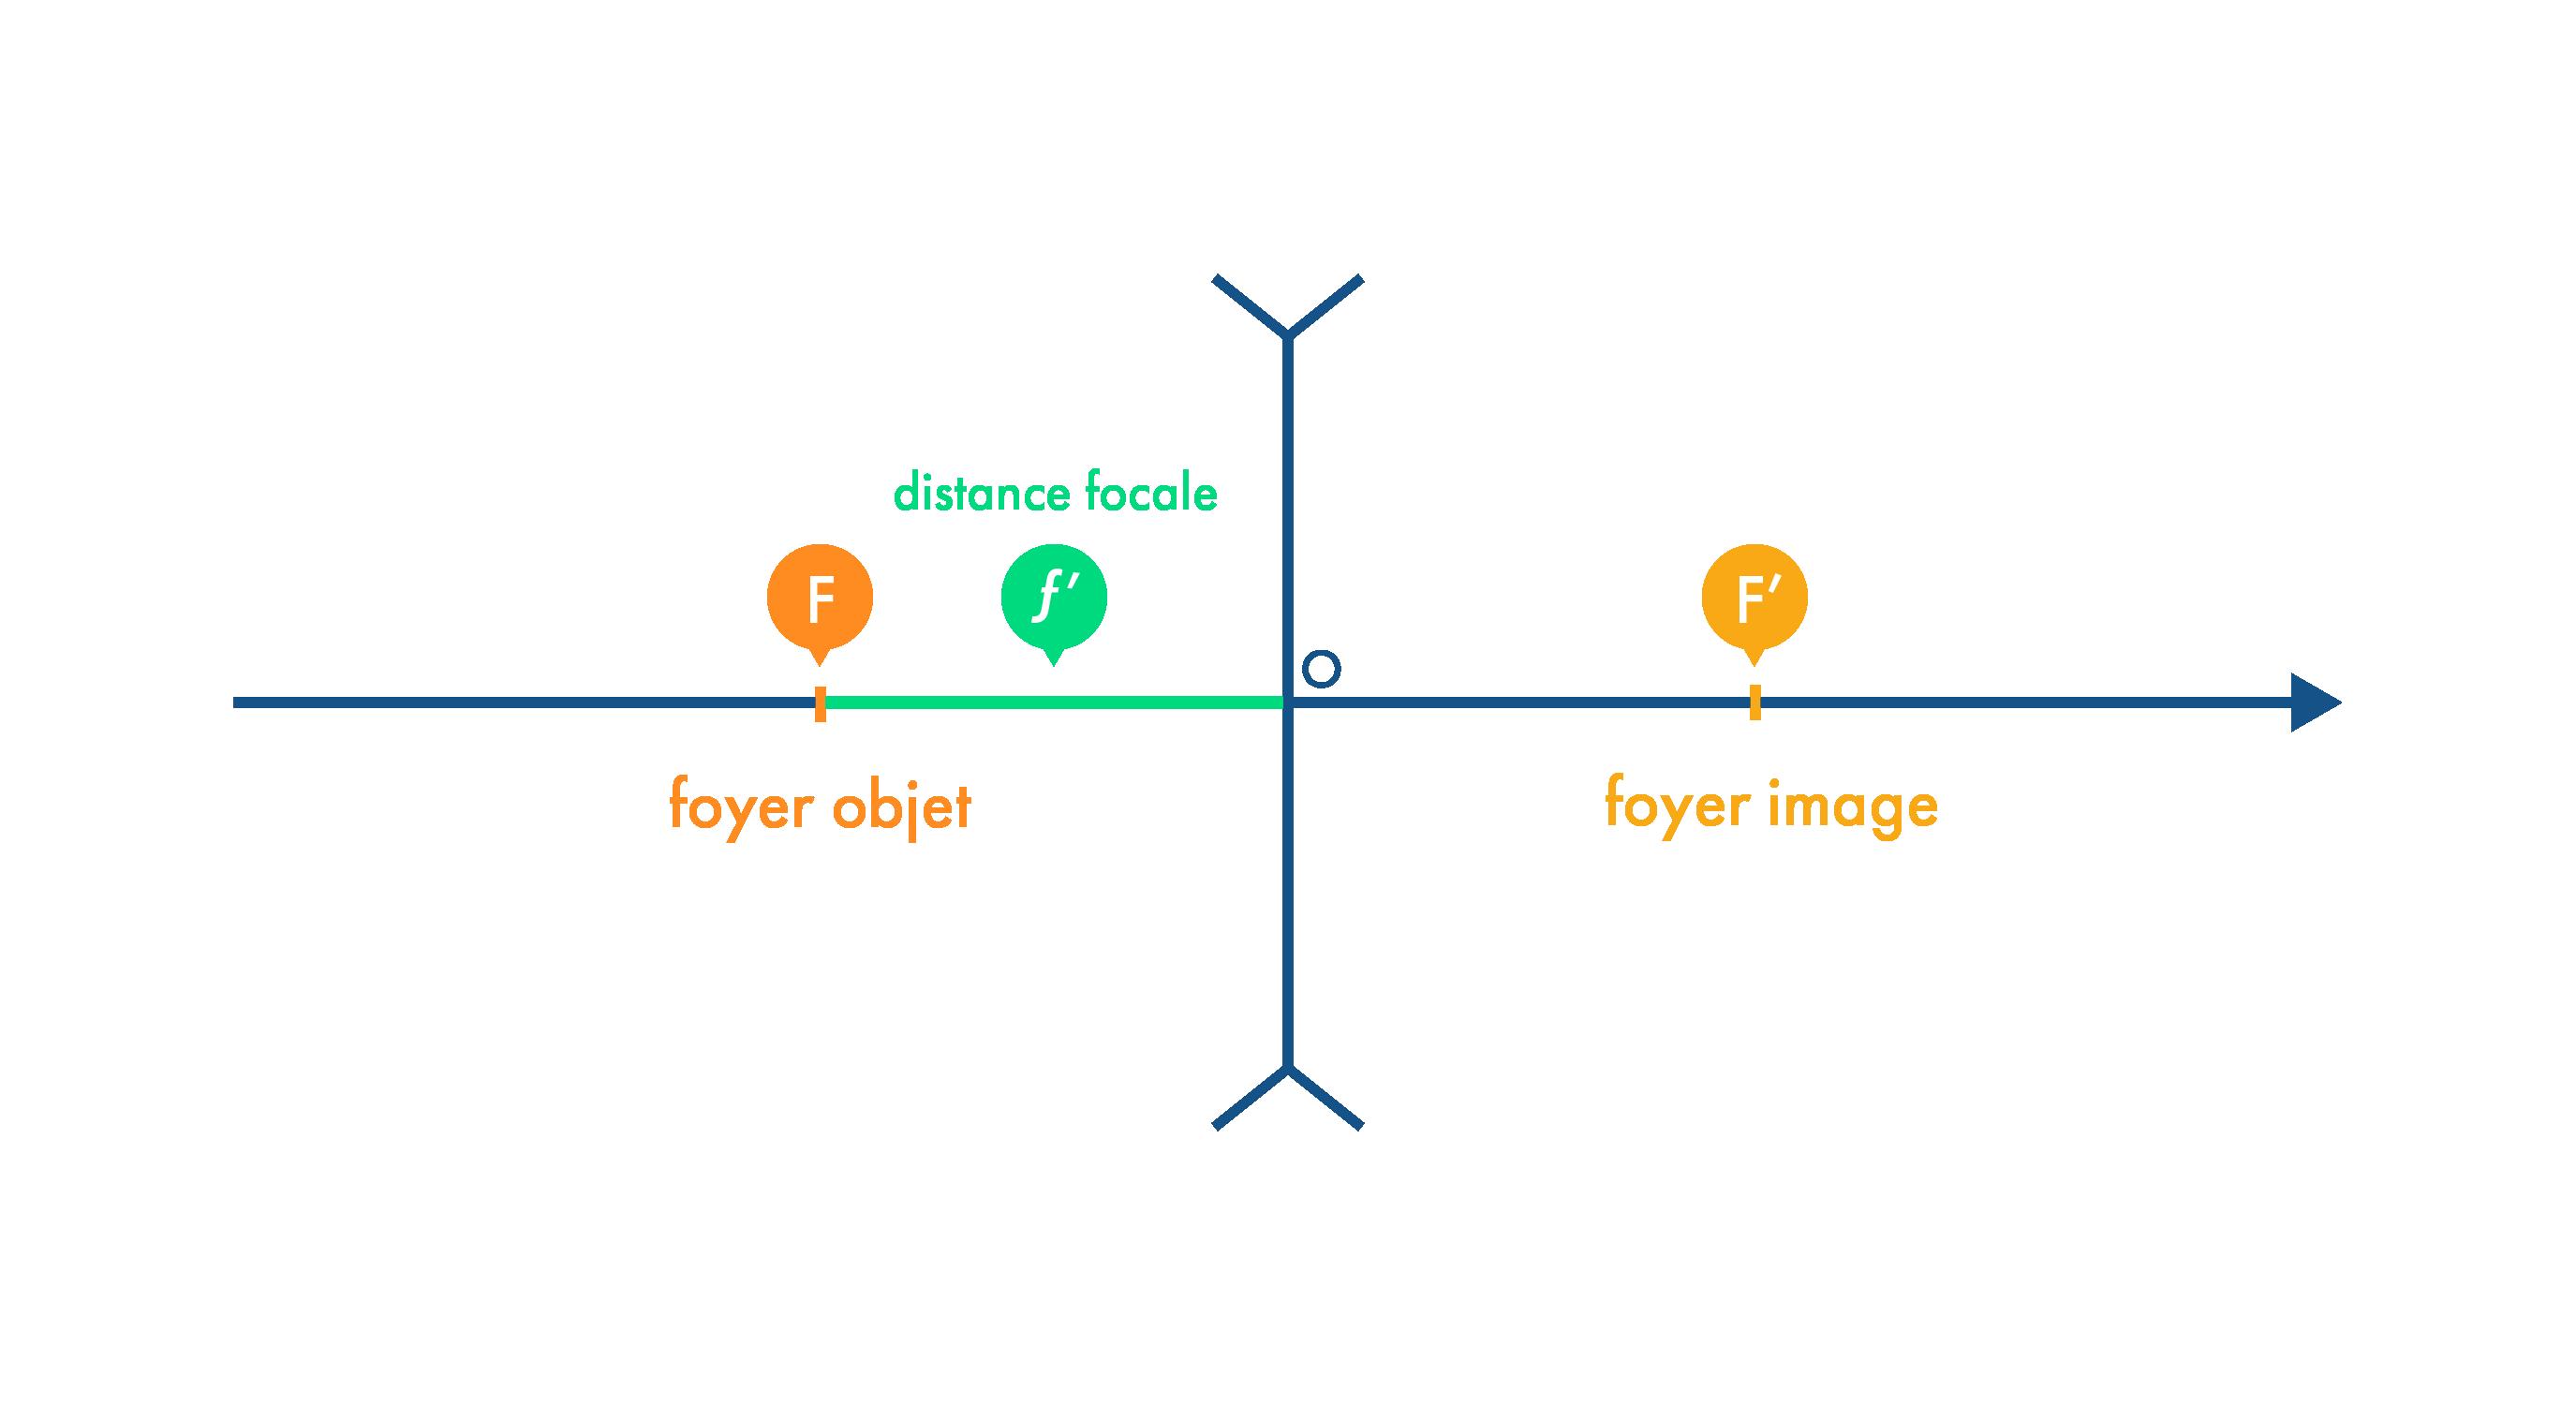 Distance focale d'une lentille divergente